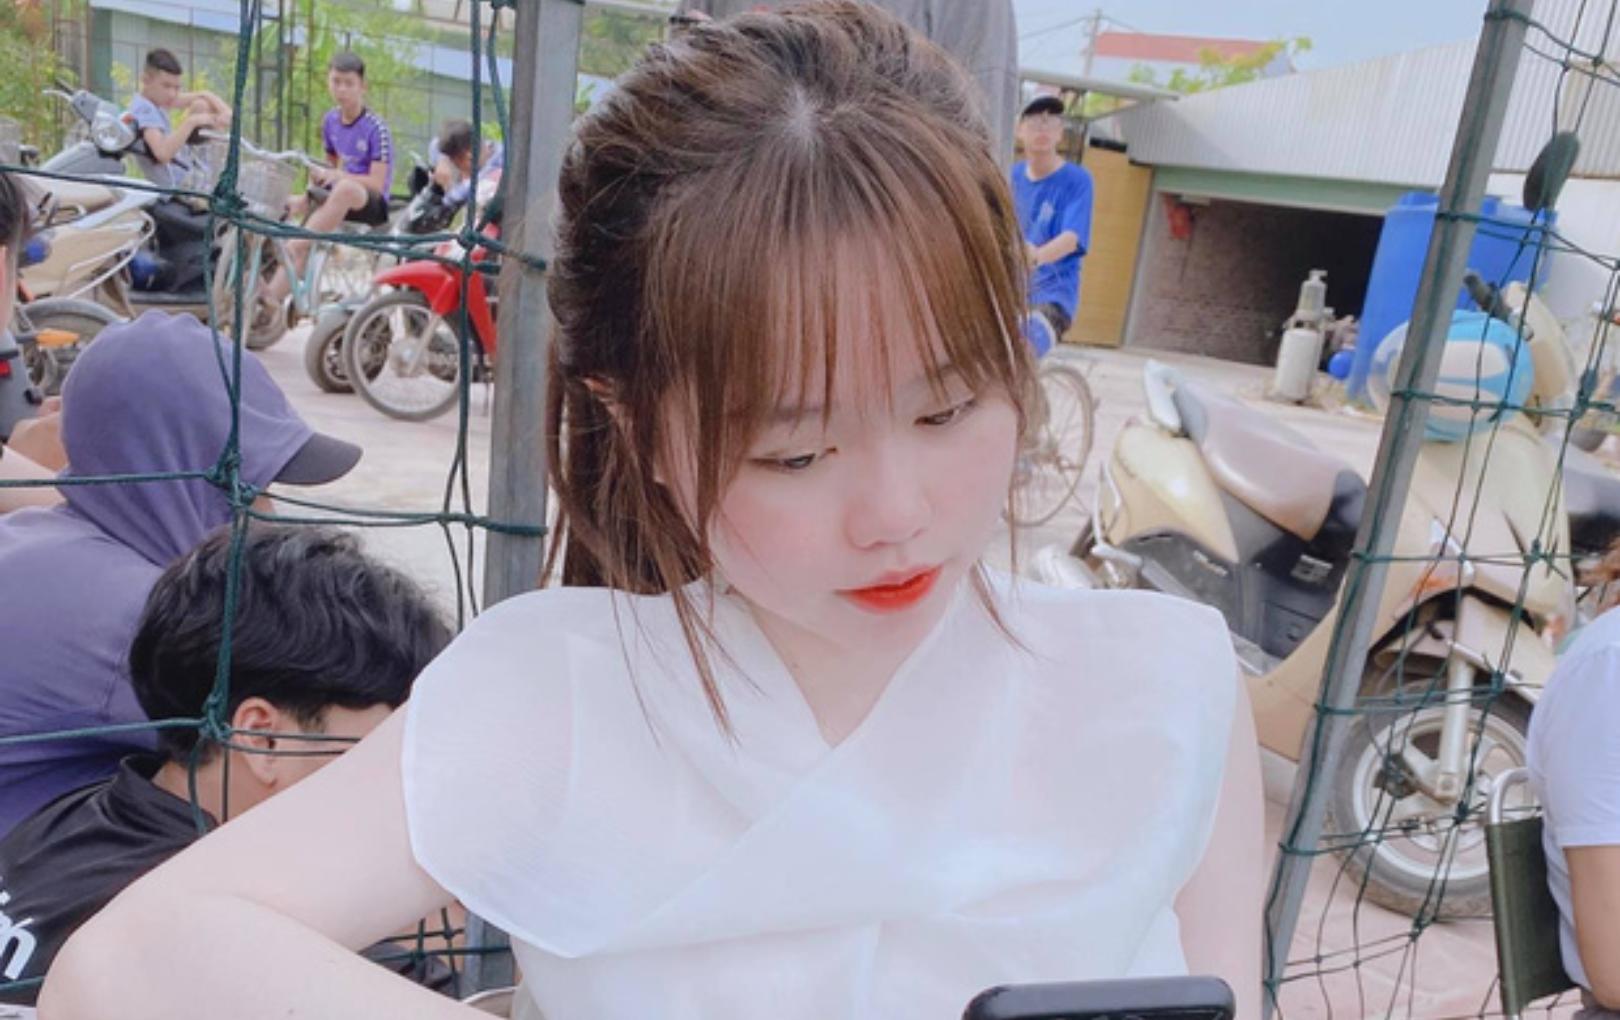 Bạn vào tận Facebook hỏi sao trắng dữ vậy, Huỳnh Anh trả lời hồn nhiên: Chỉnh đấy!